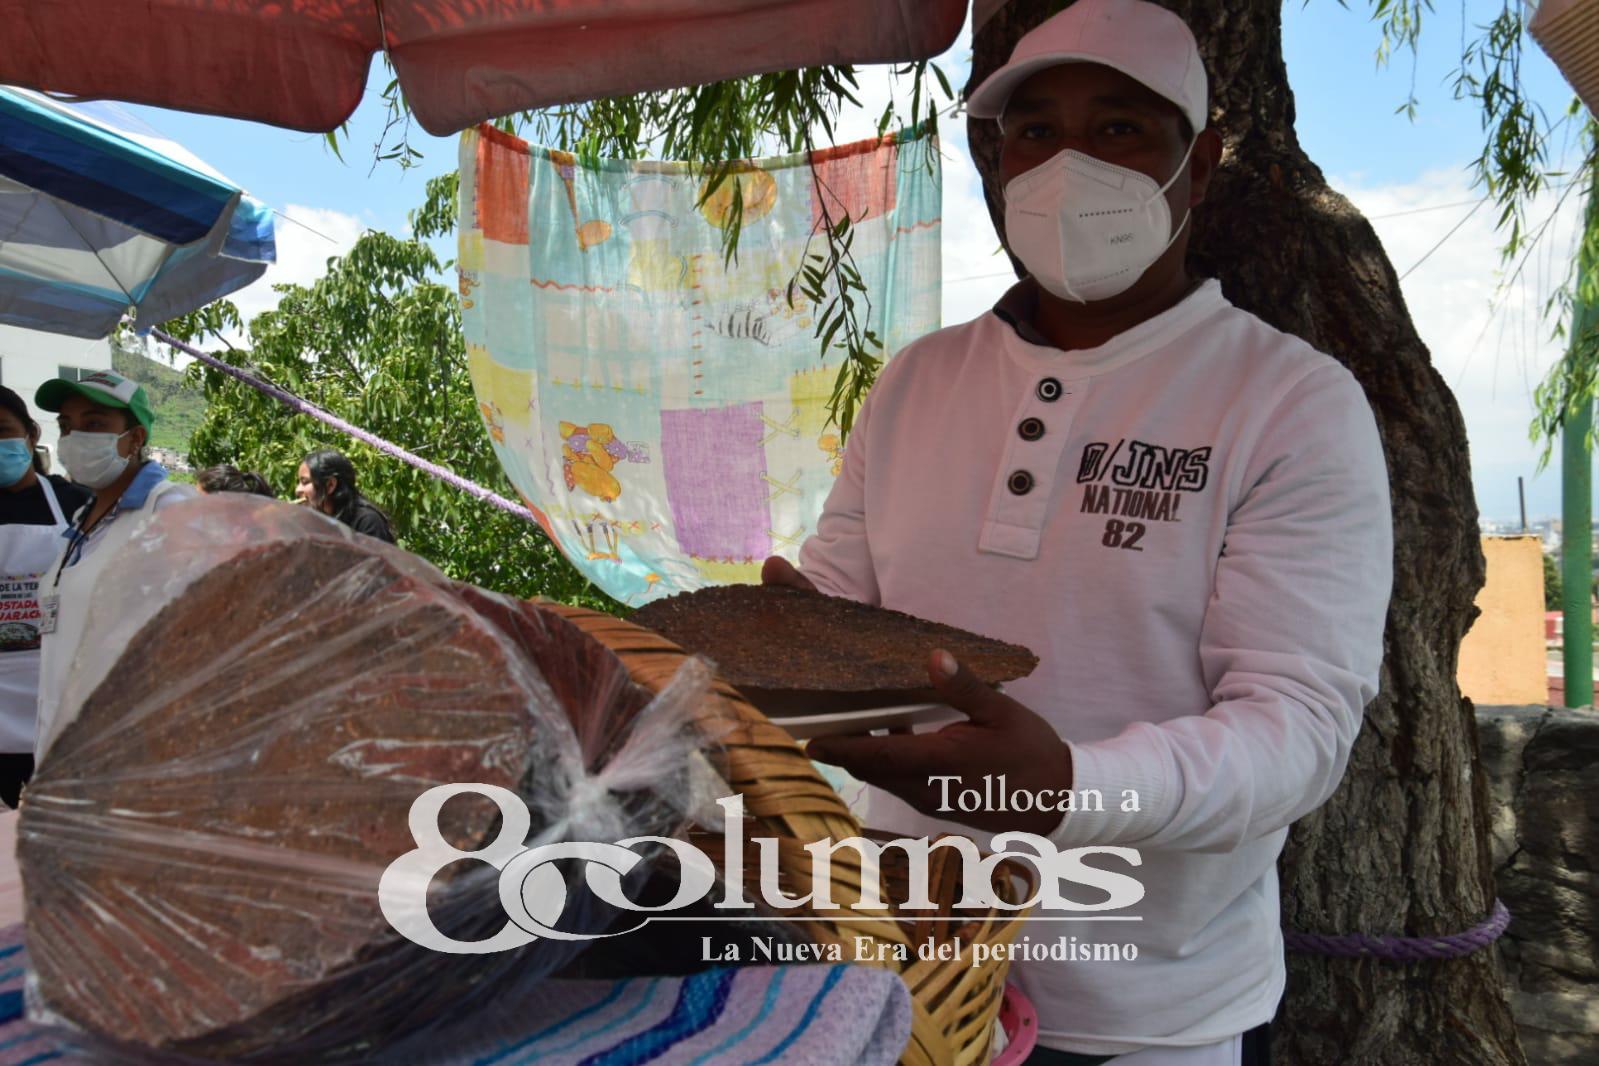 Realizan Feria del Huarache en Toluca - Jul 18, 2021